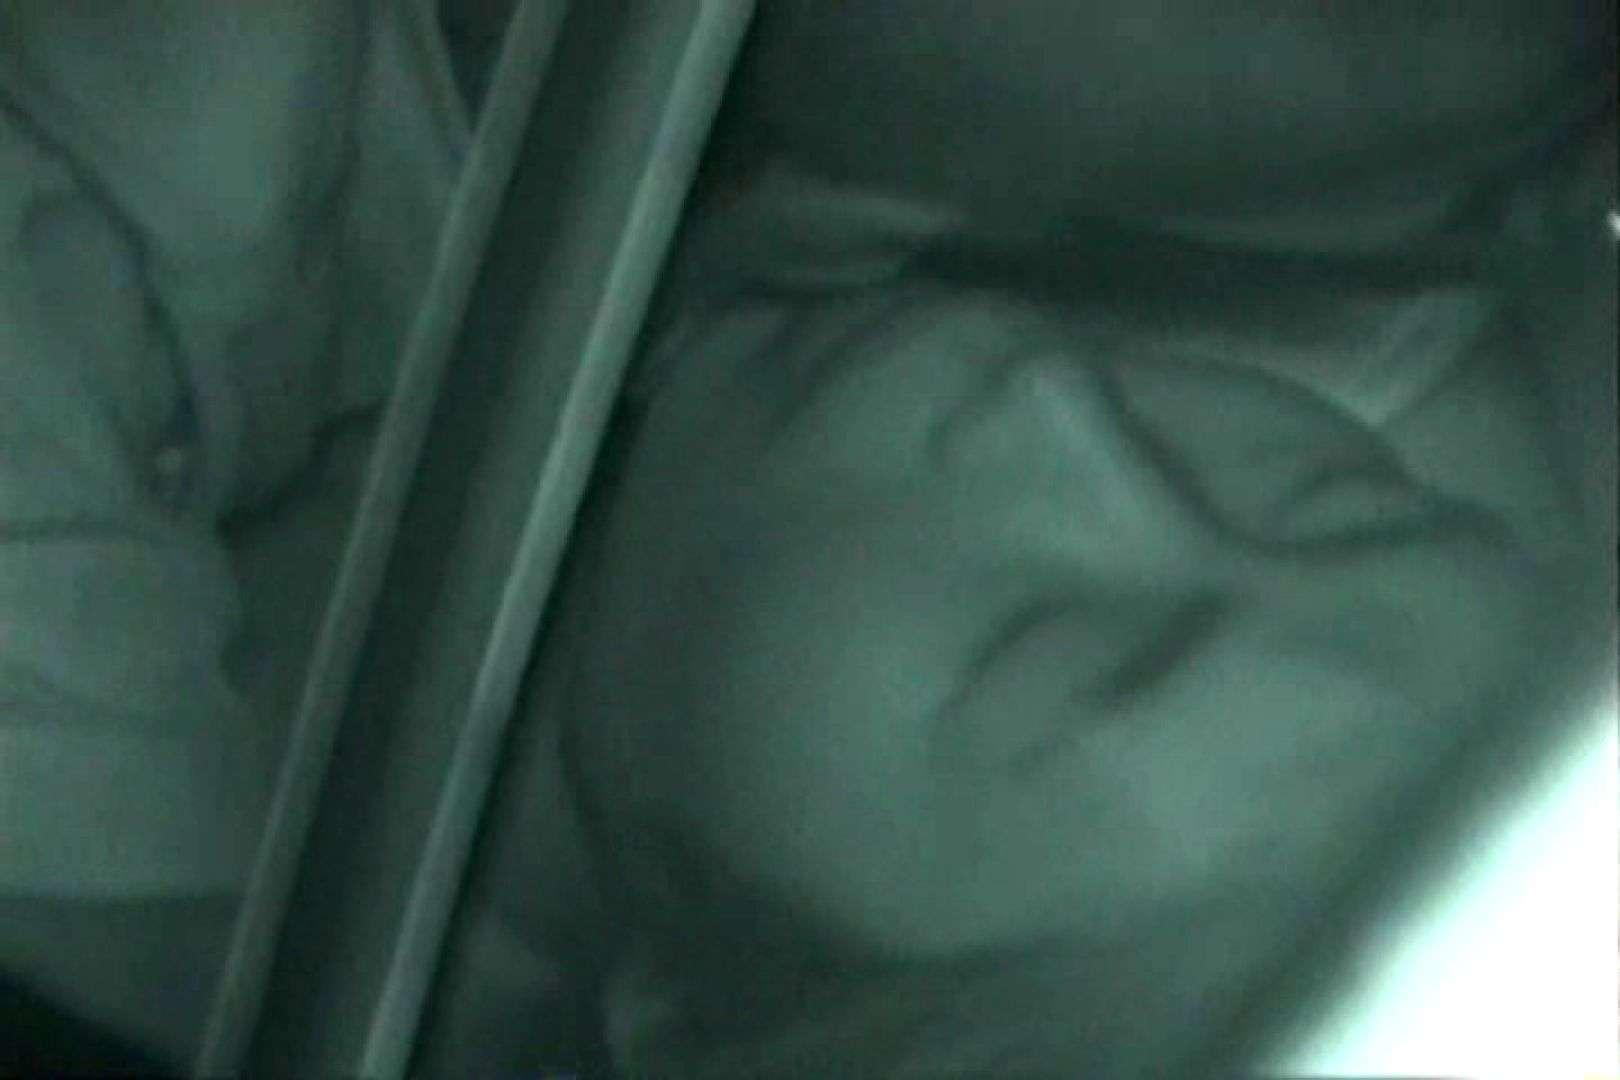 充血監督の深夜の運動会Vol.128 OLエロ画像   カーセックス  50PICs 7